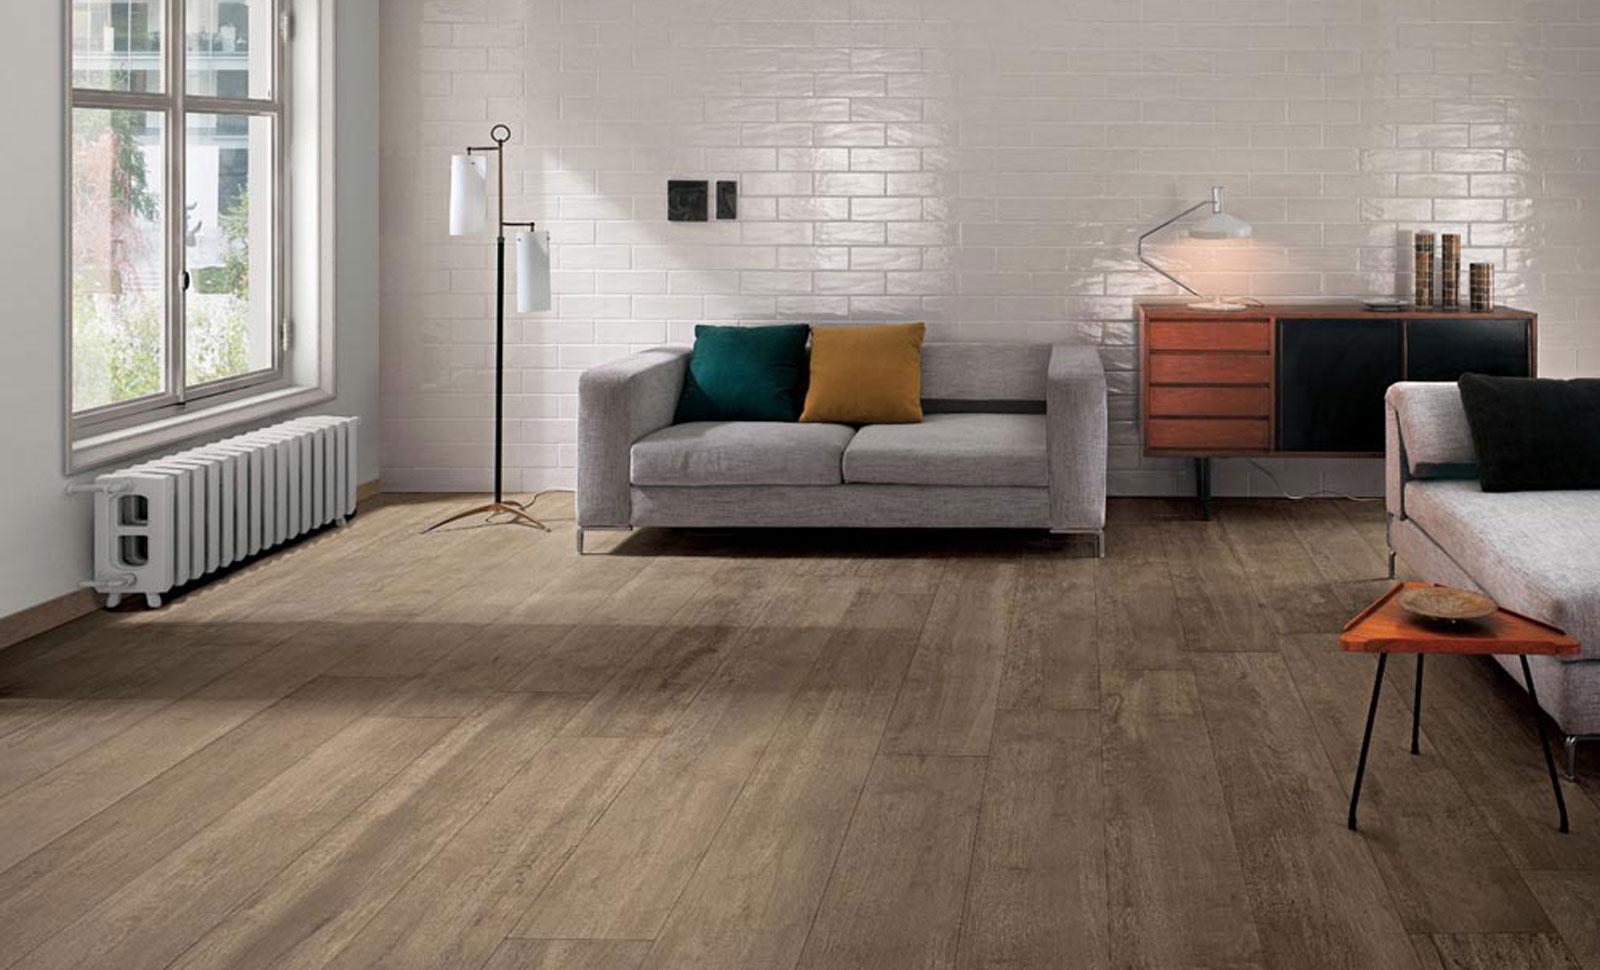 Pavimento del soggiorno, come sceglierlo? Silvestri pavimenti a Cassola